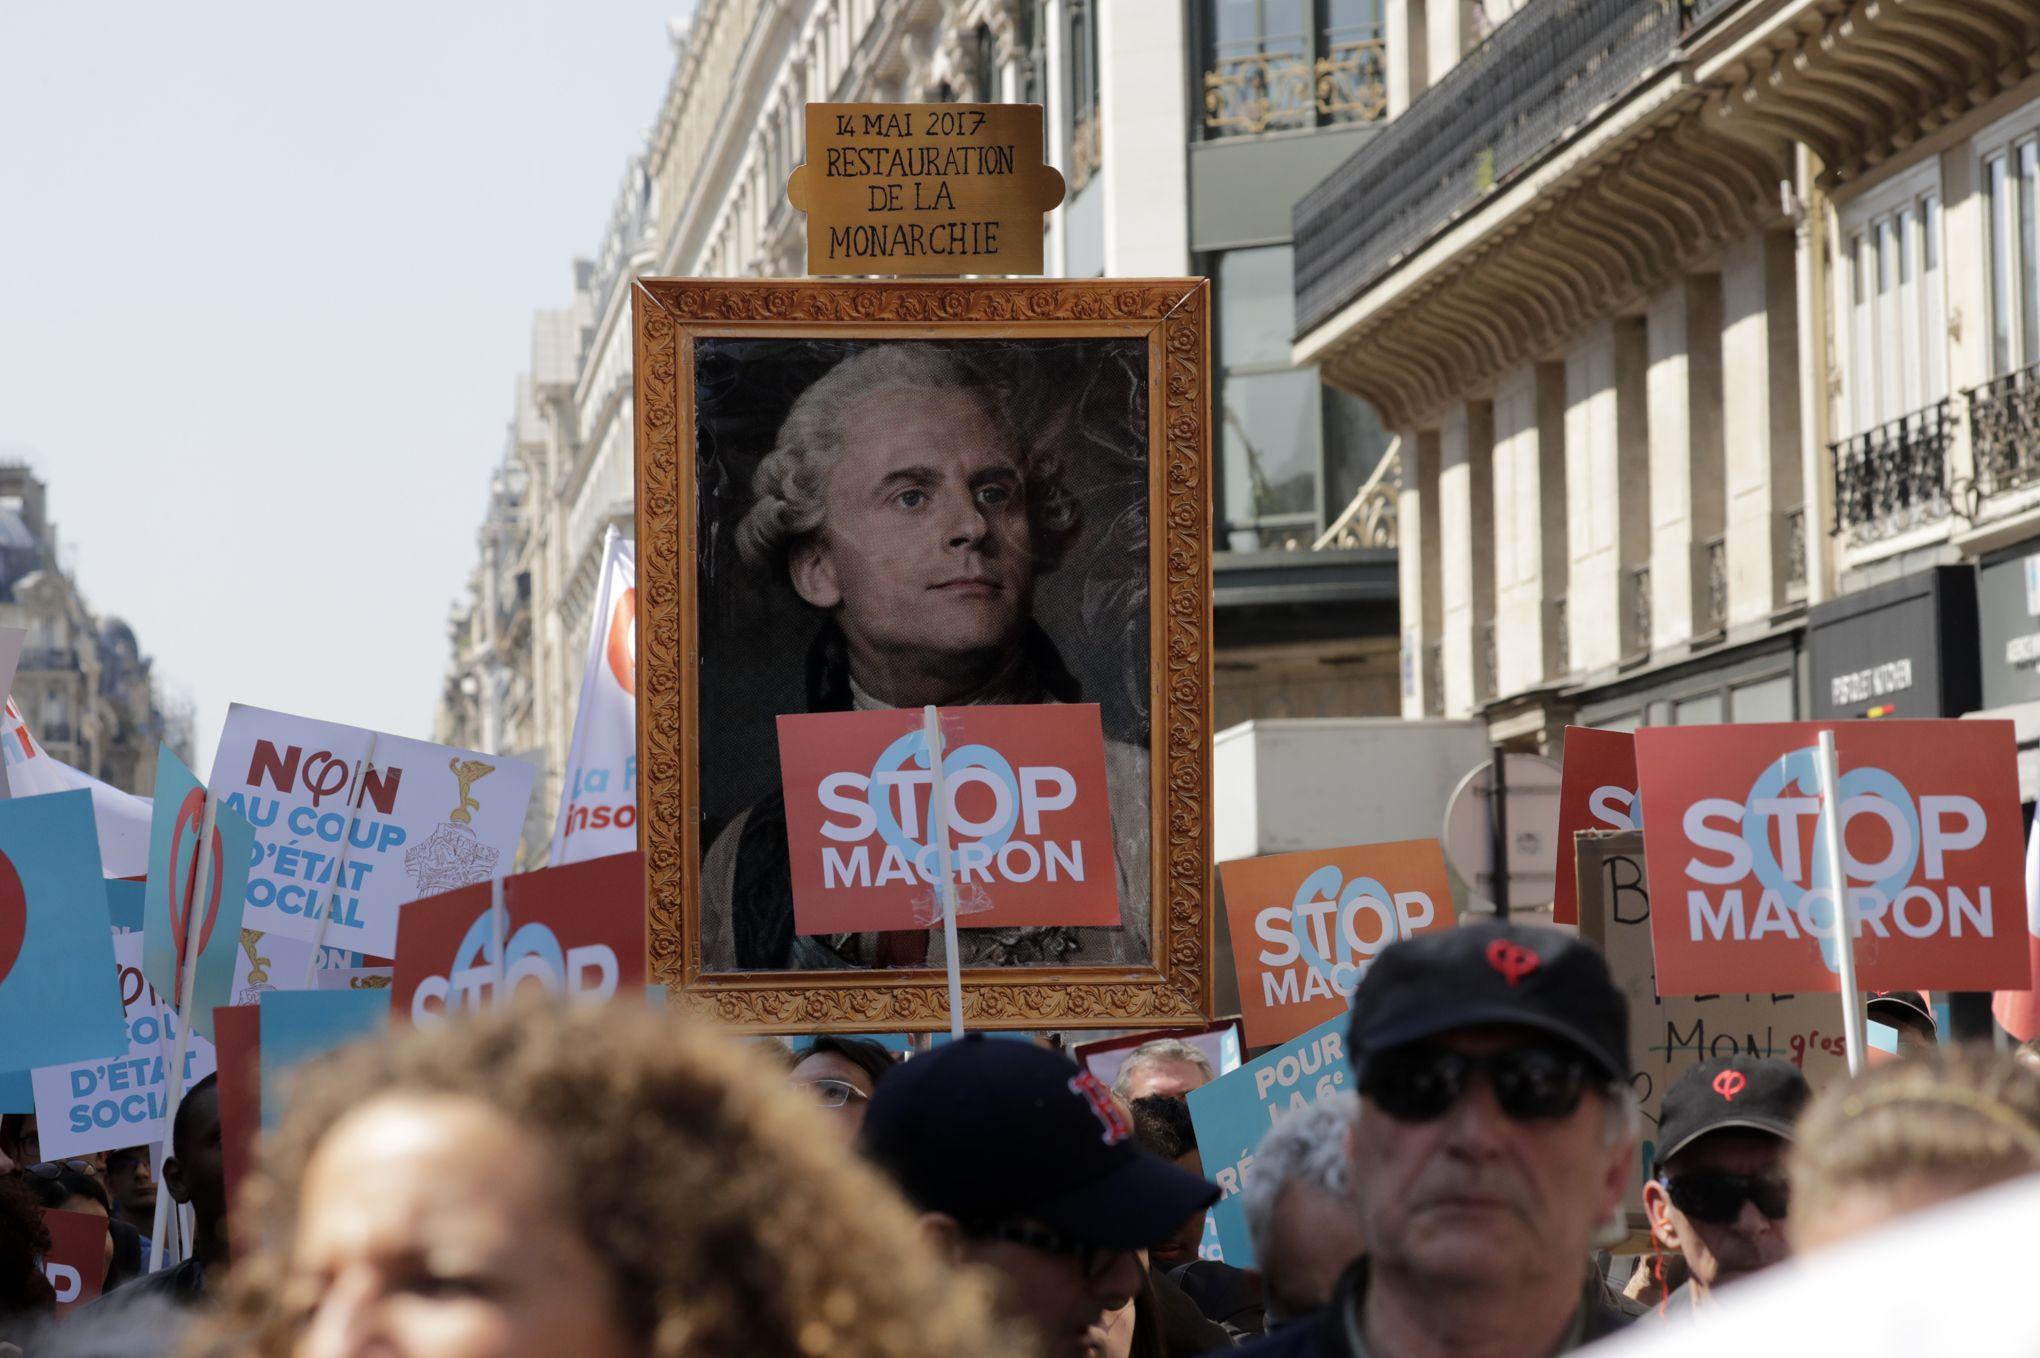 L'obsession de l'extrême gauche pour la mort du roi révèle sa méconnaissance de l'histoire